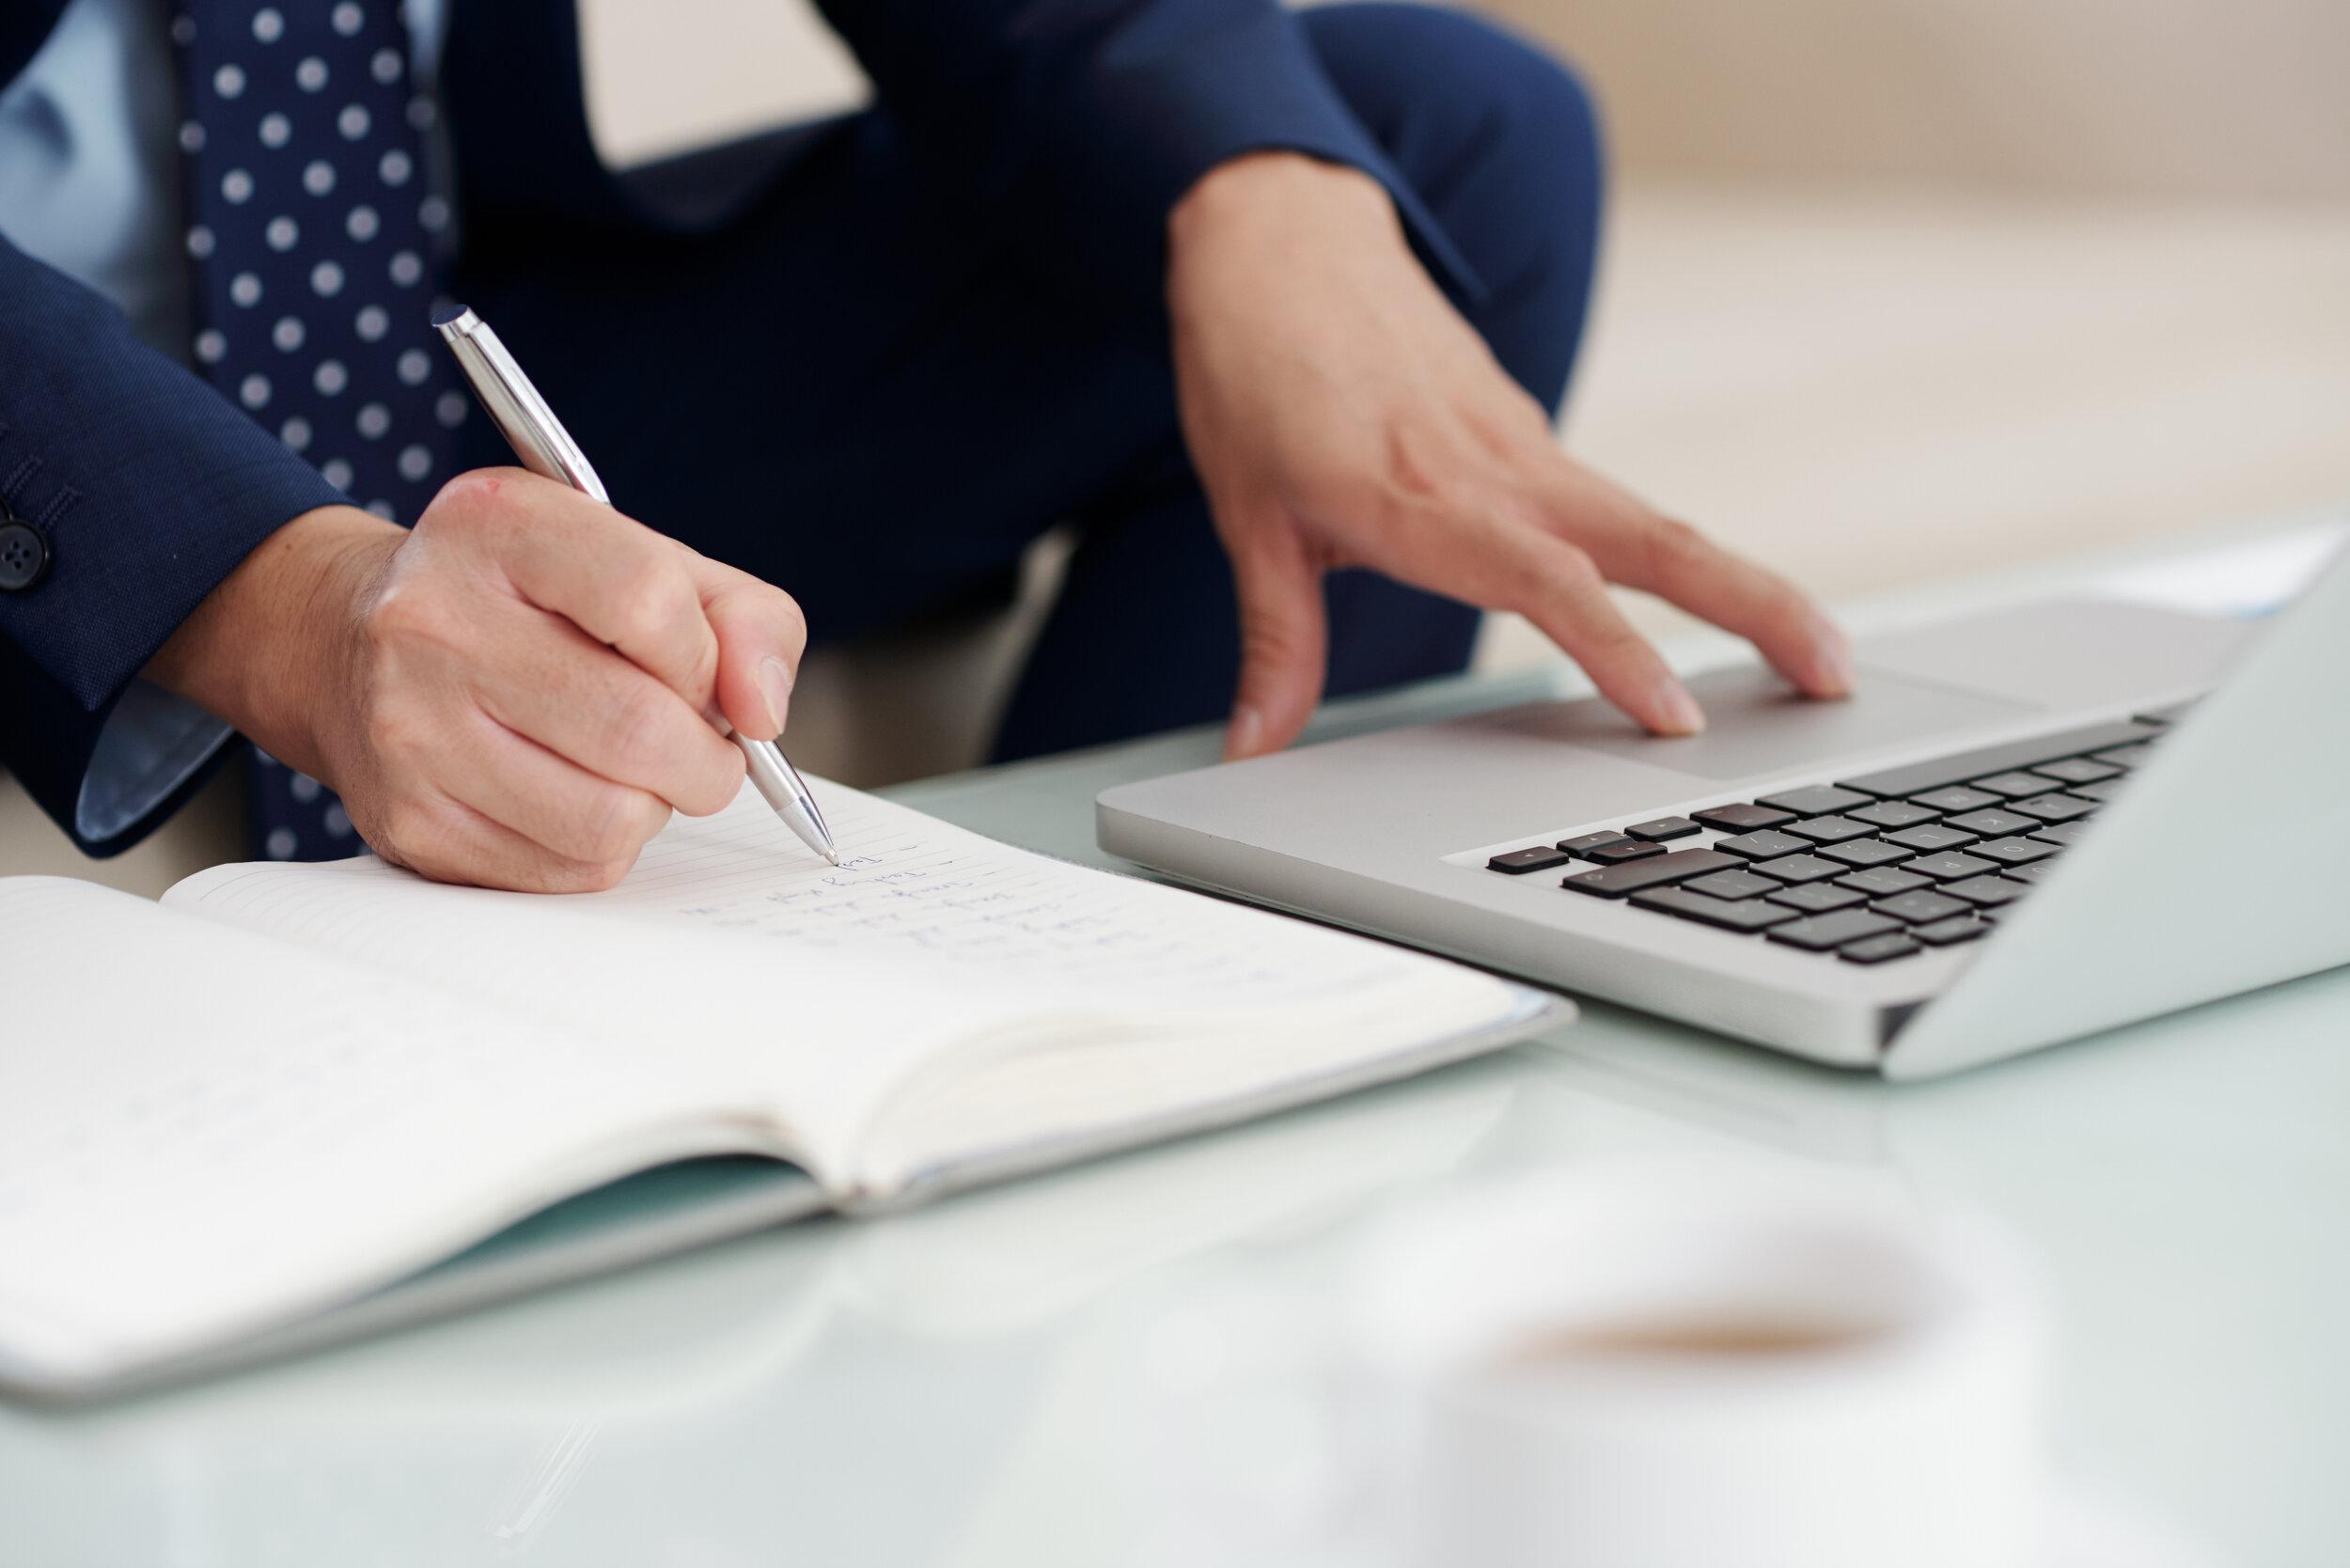 entrepreneur-taking-notes-48YC9F4.jpg